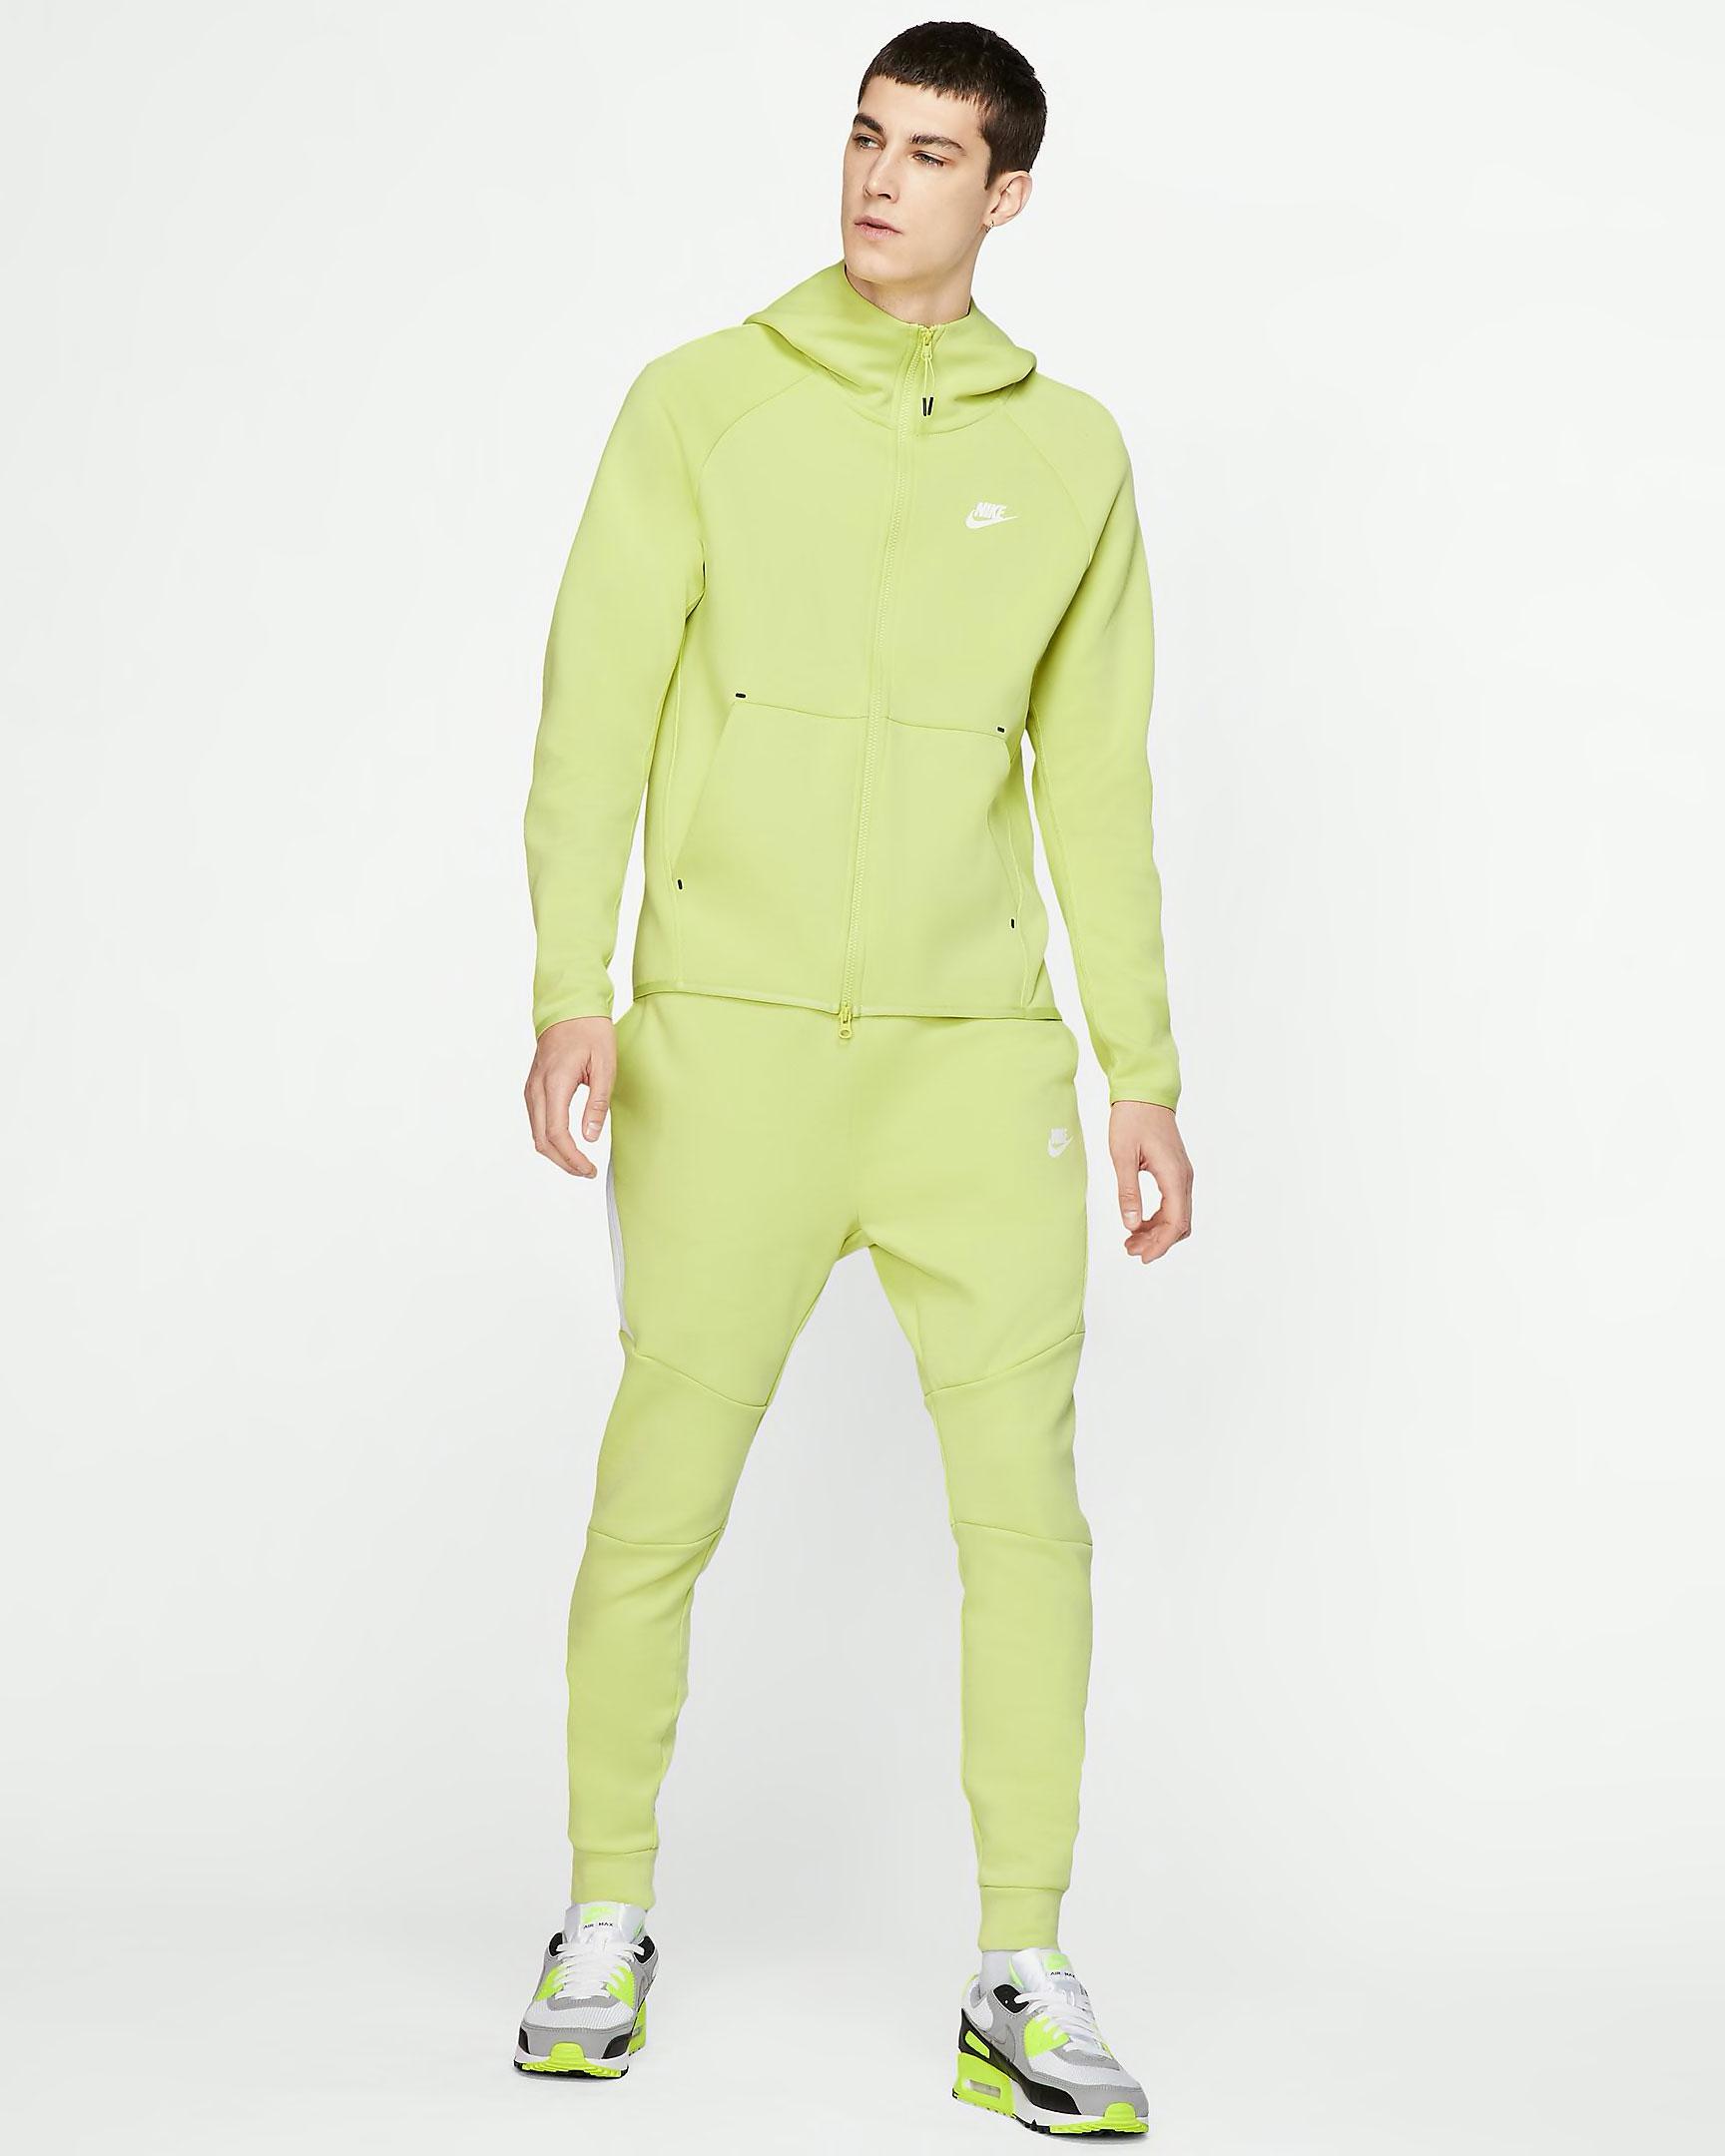 nike-volt-green-tech-fleece-hoodie-7